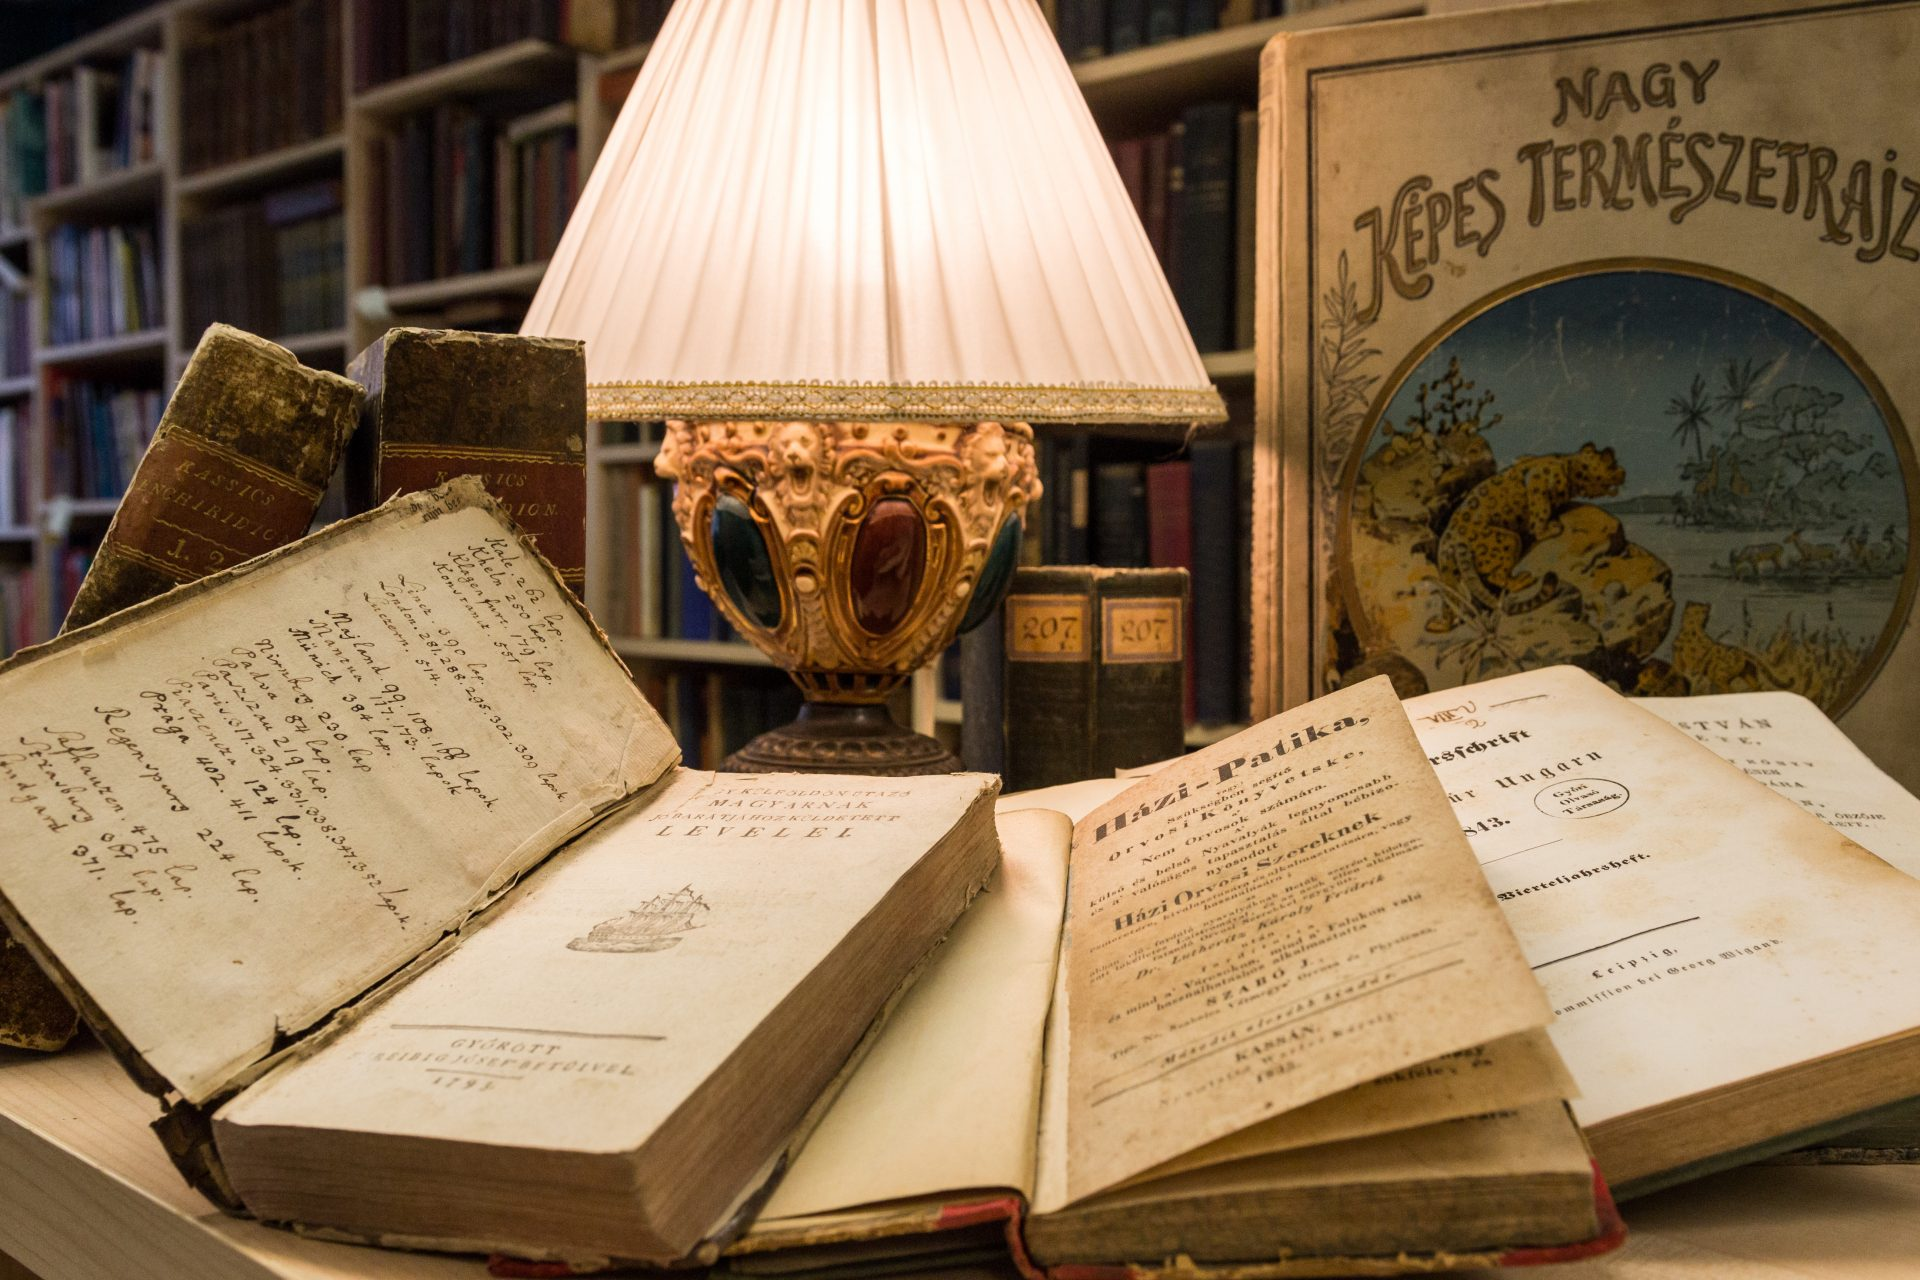 Antikvár könyv, antikvár könyvfelvásárlás, antik könyv